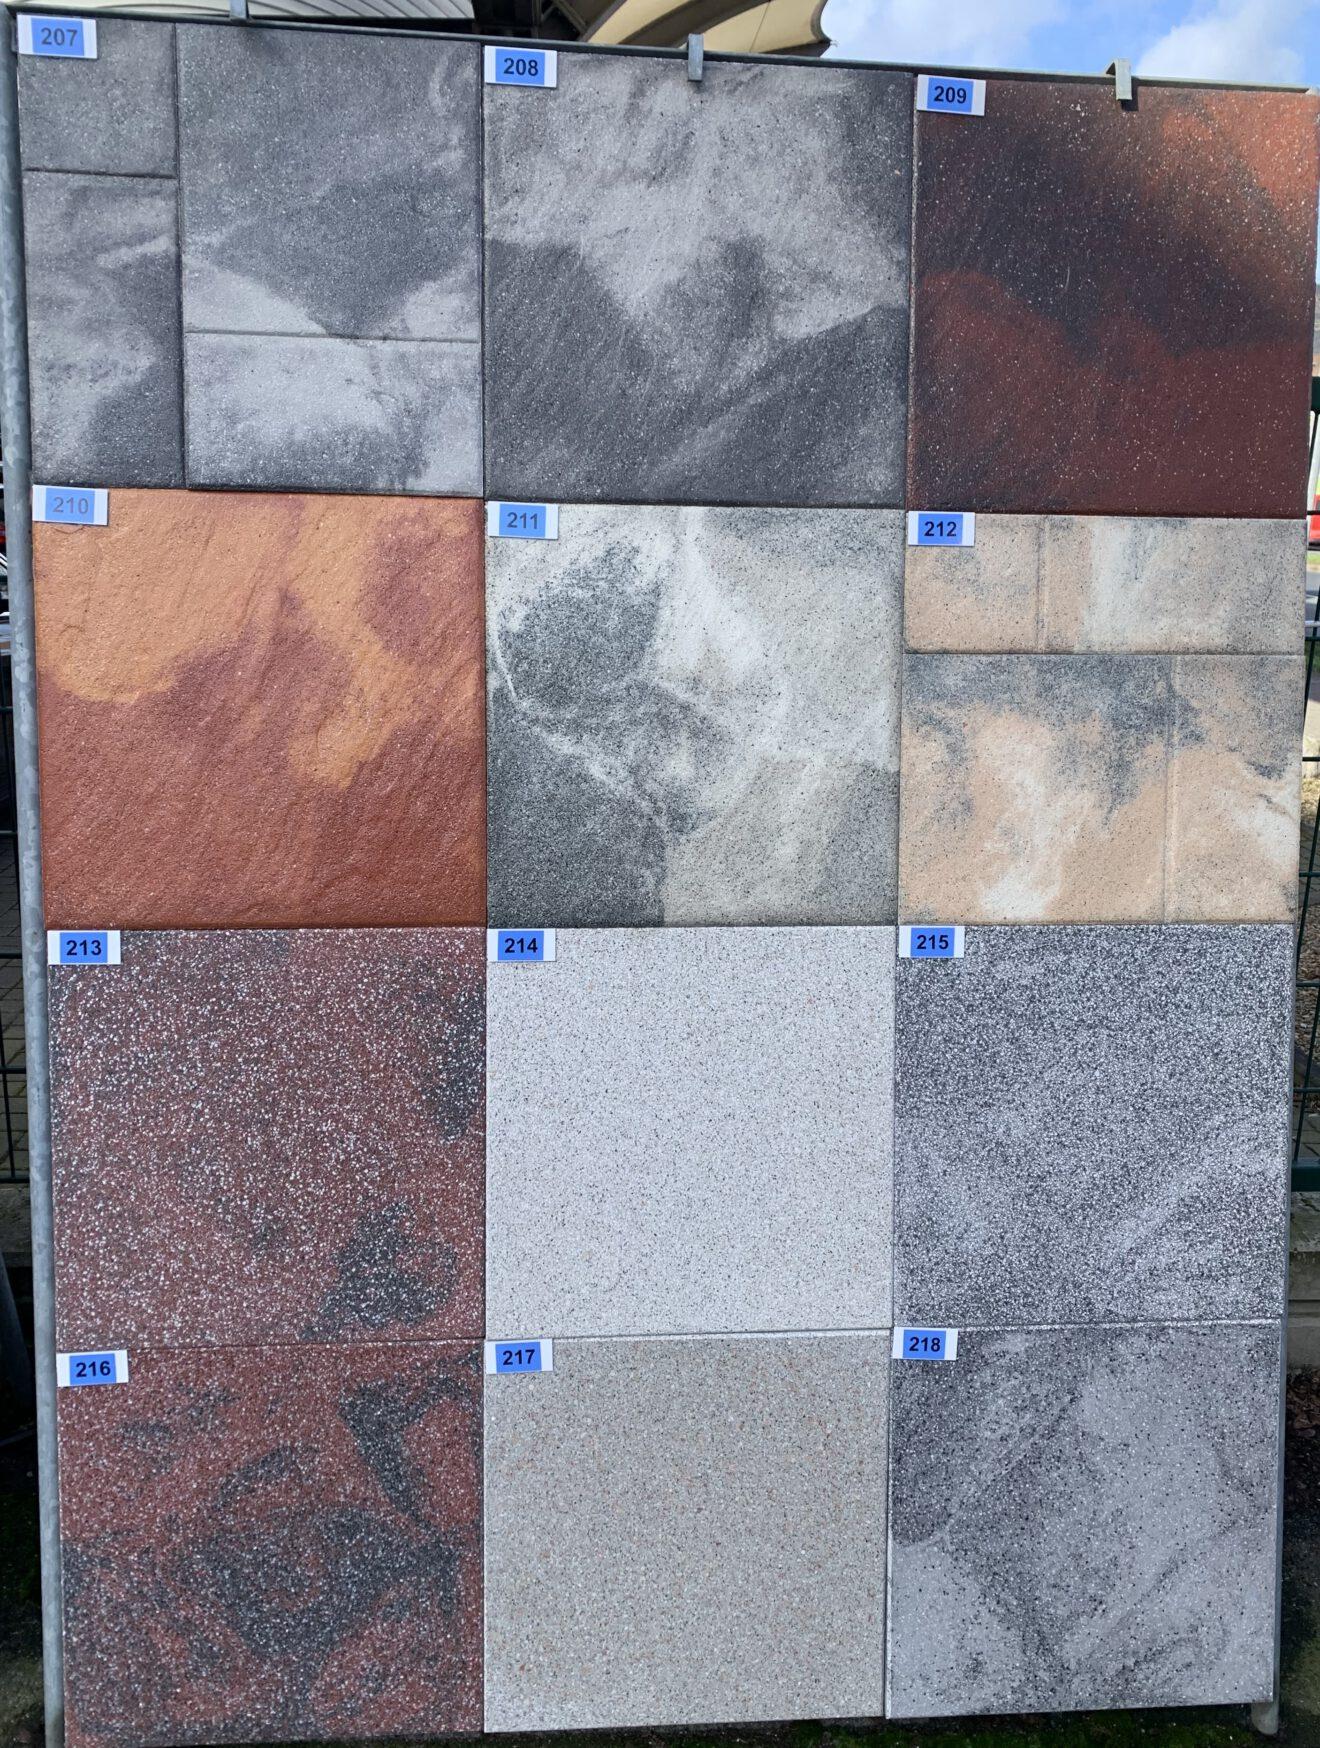 Terrassenplatte Novagranit Bradford bei Stolzenbach Baustoffe in Bremen kaufen